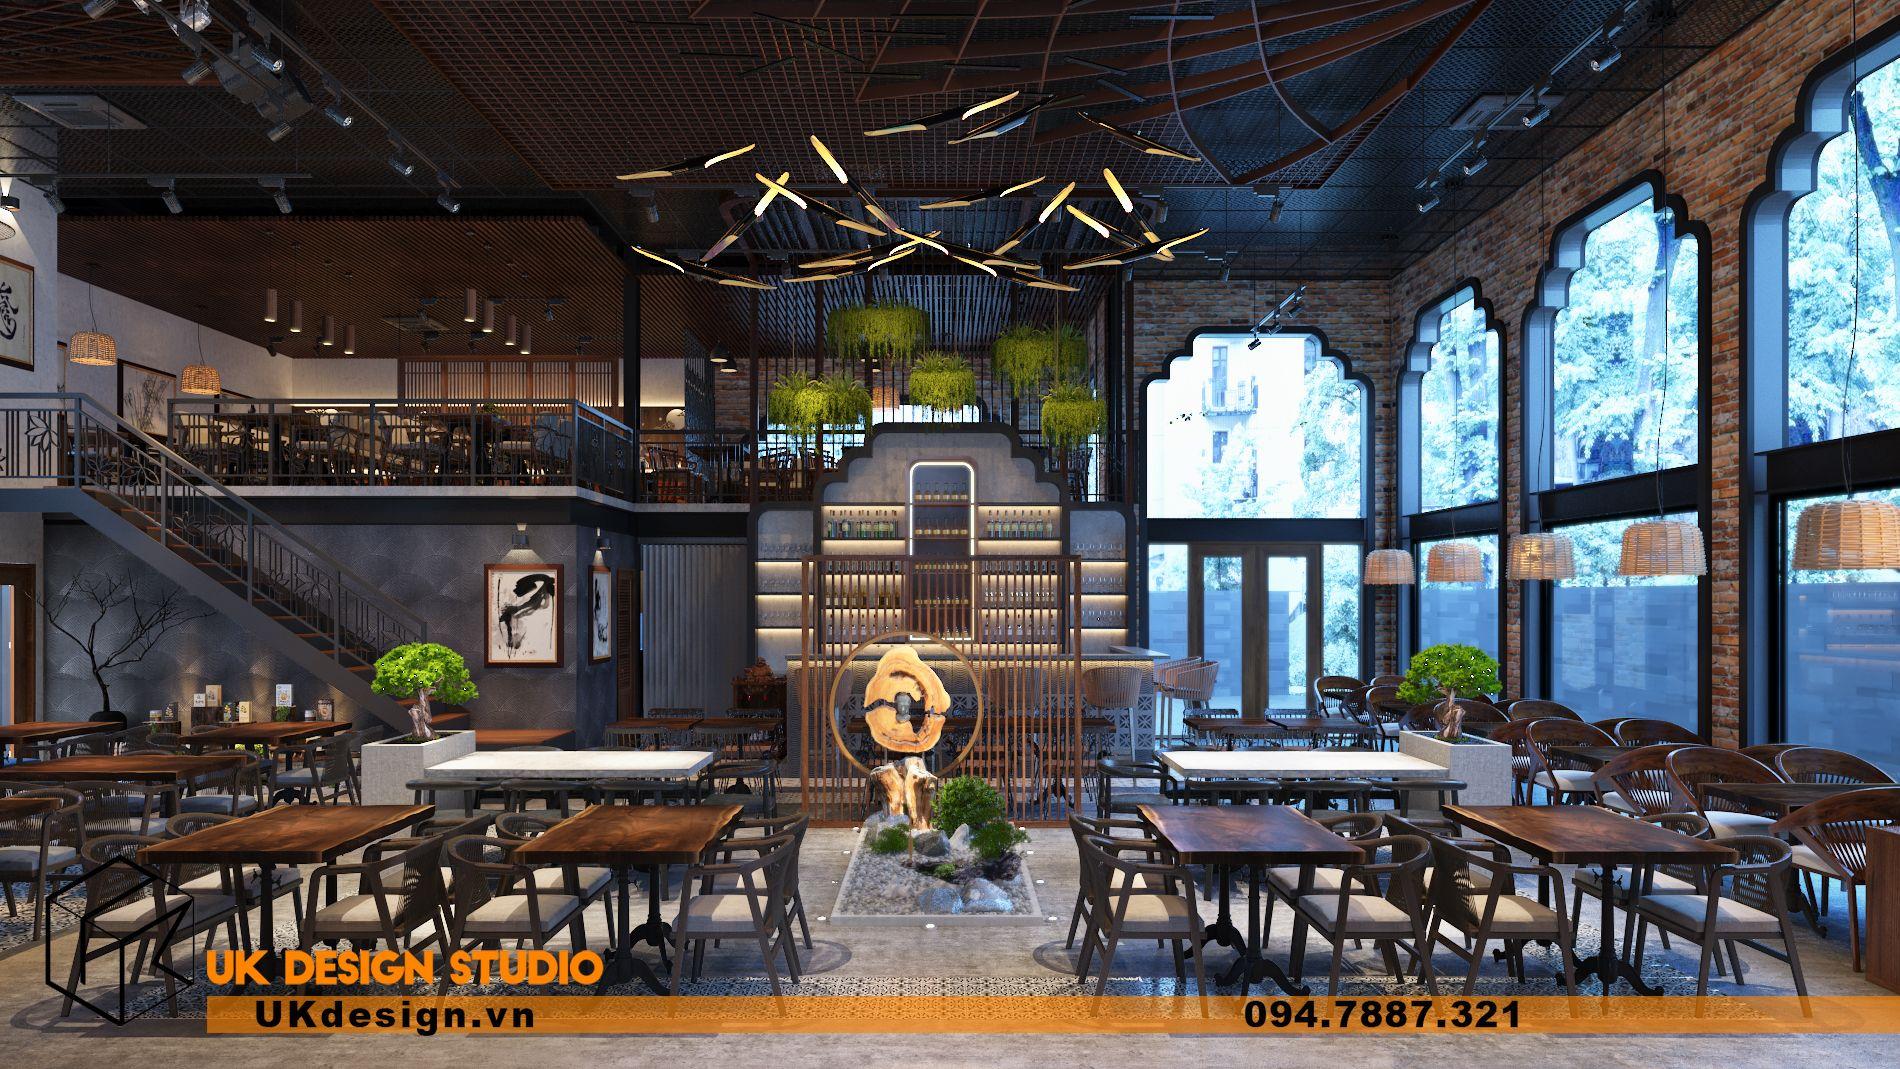 Thiết kế nhà hàng chay TÂM MỘC 8